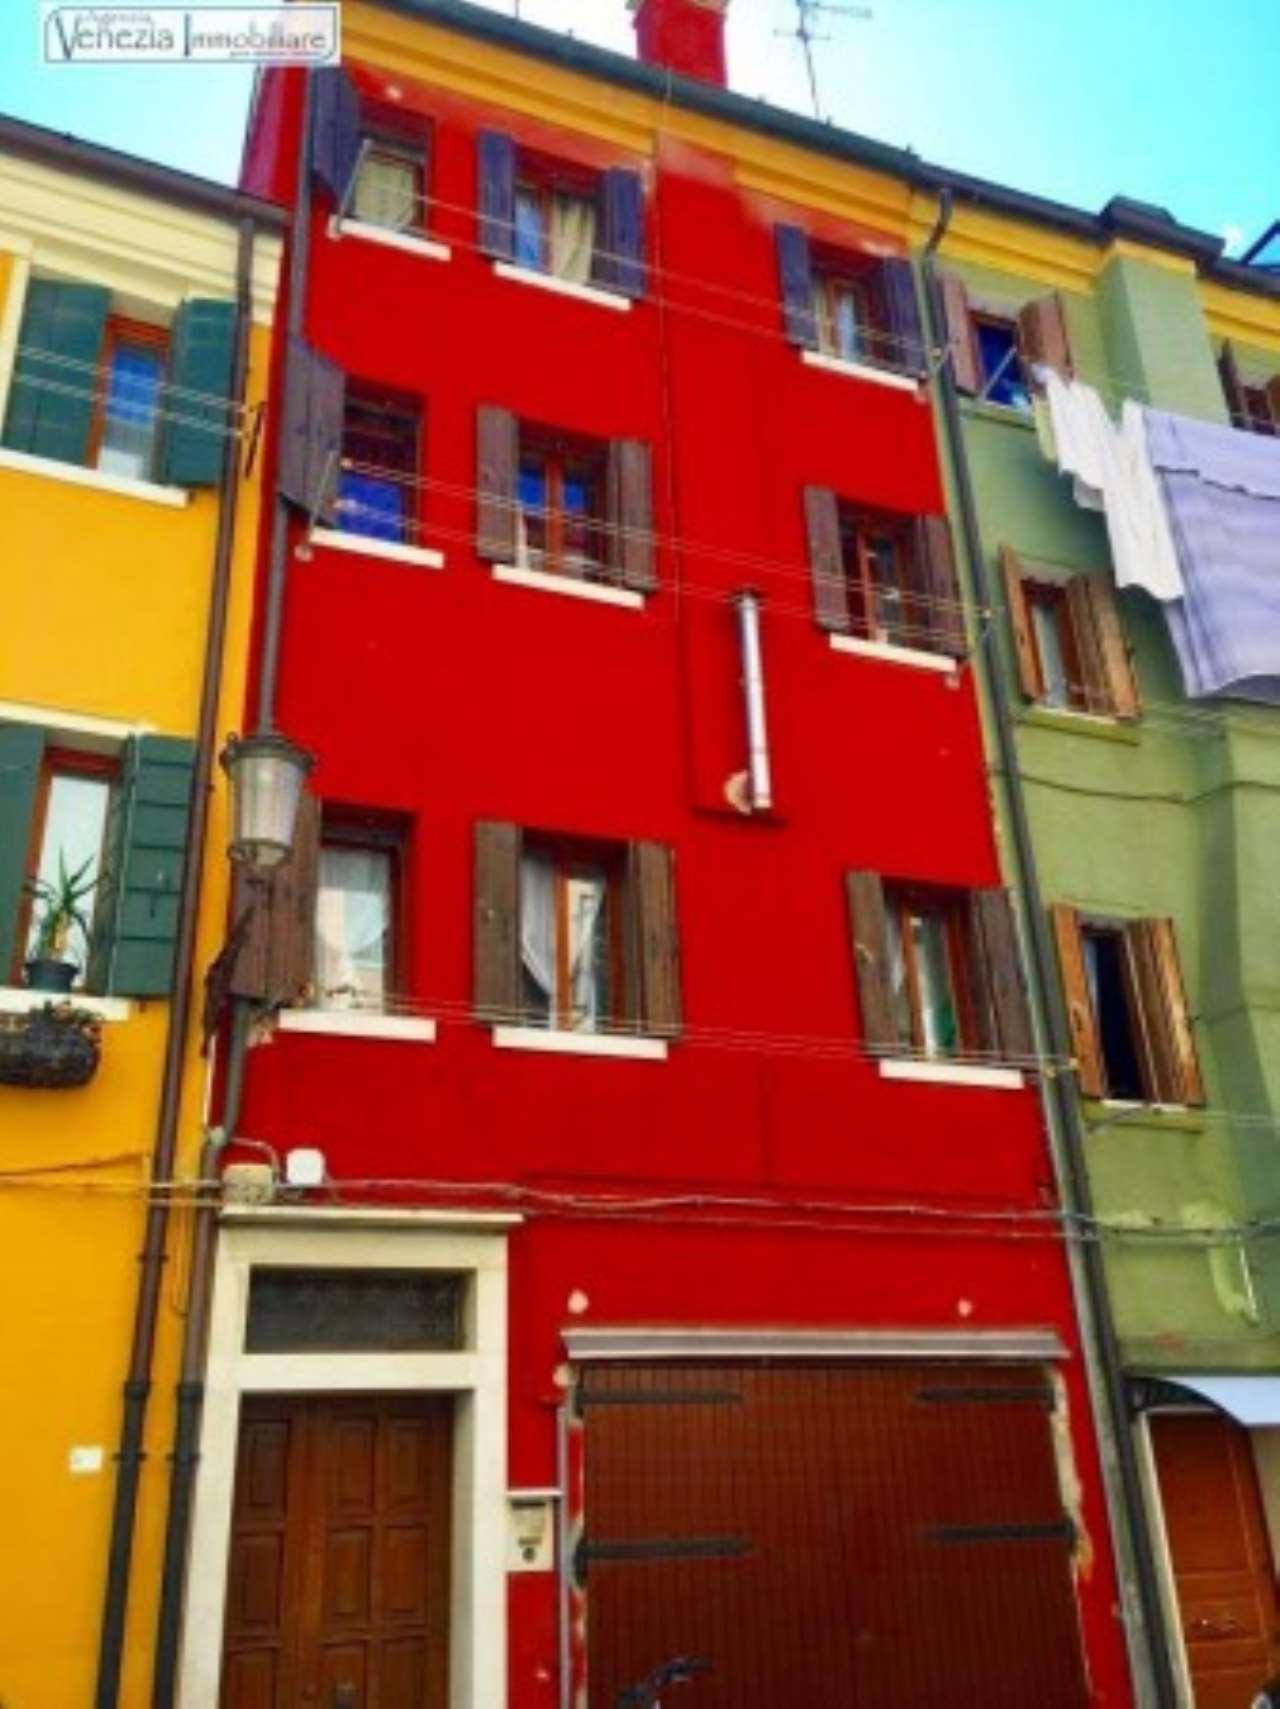 Soluzione Indipendente in vendita a Chioggia, 3 locali, prezzo € 90.000 | CambioCasa.it